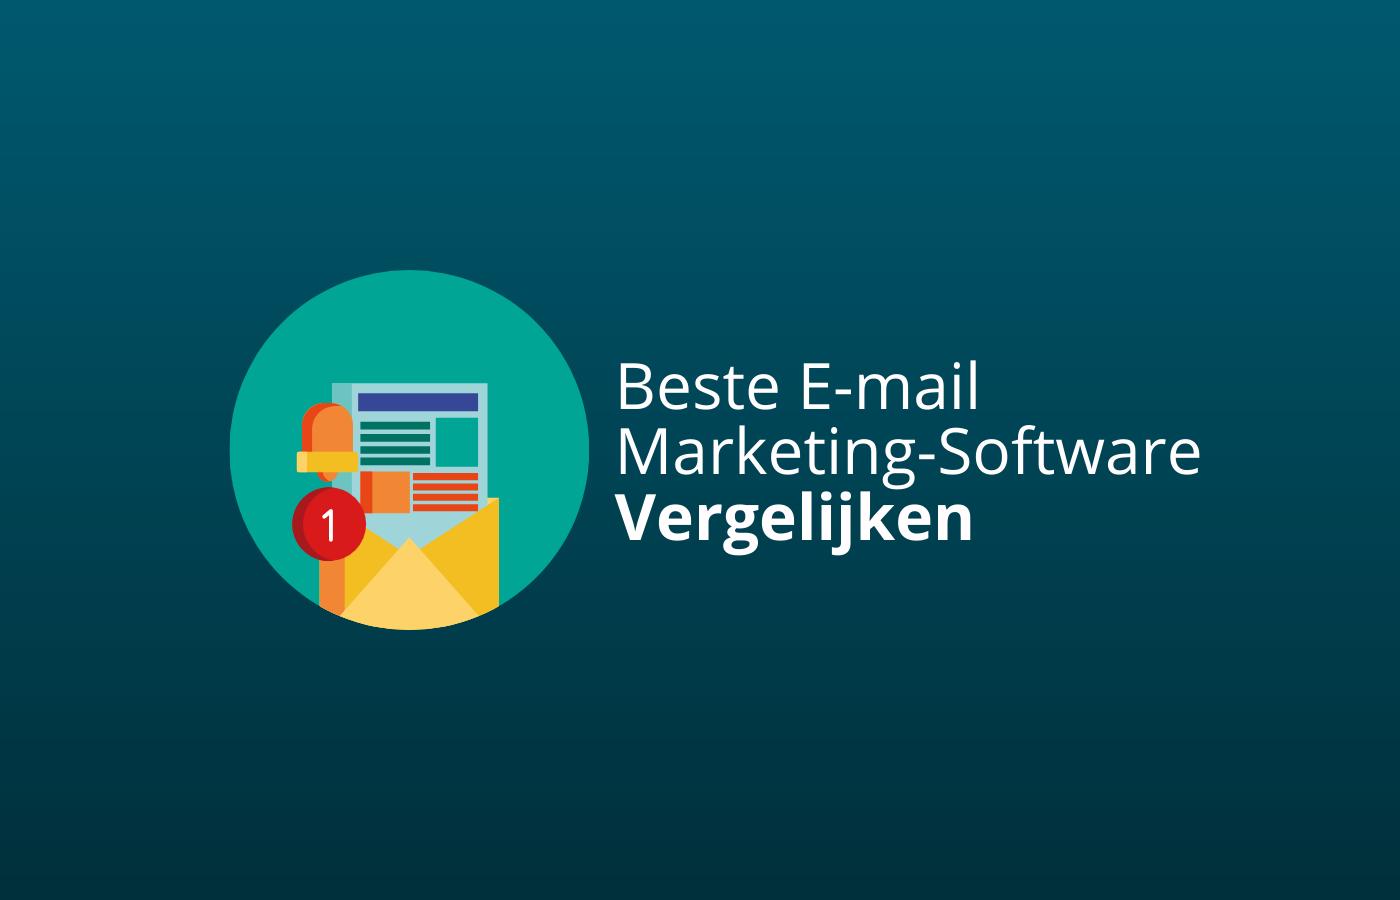 beste email marketing software vergelijken aanraders